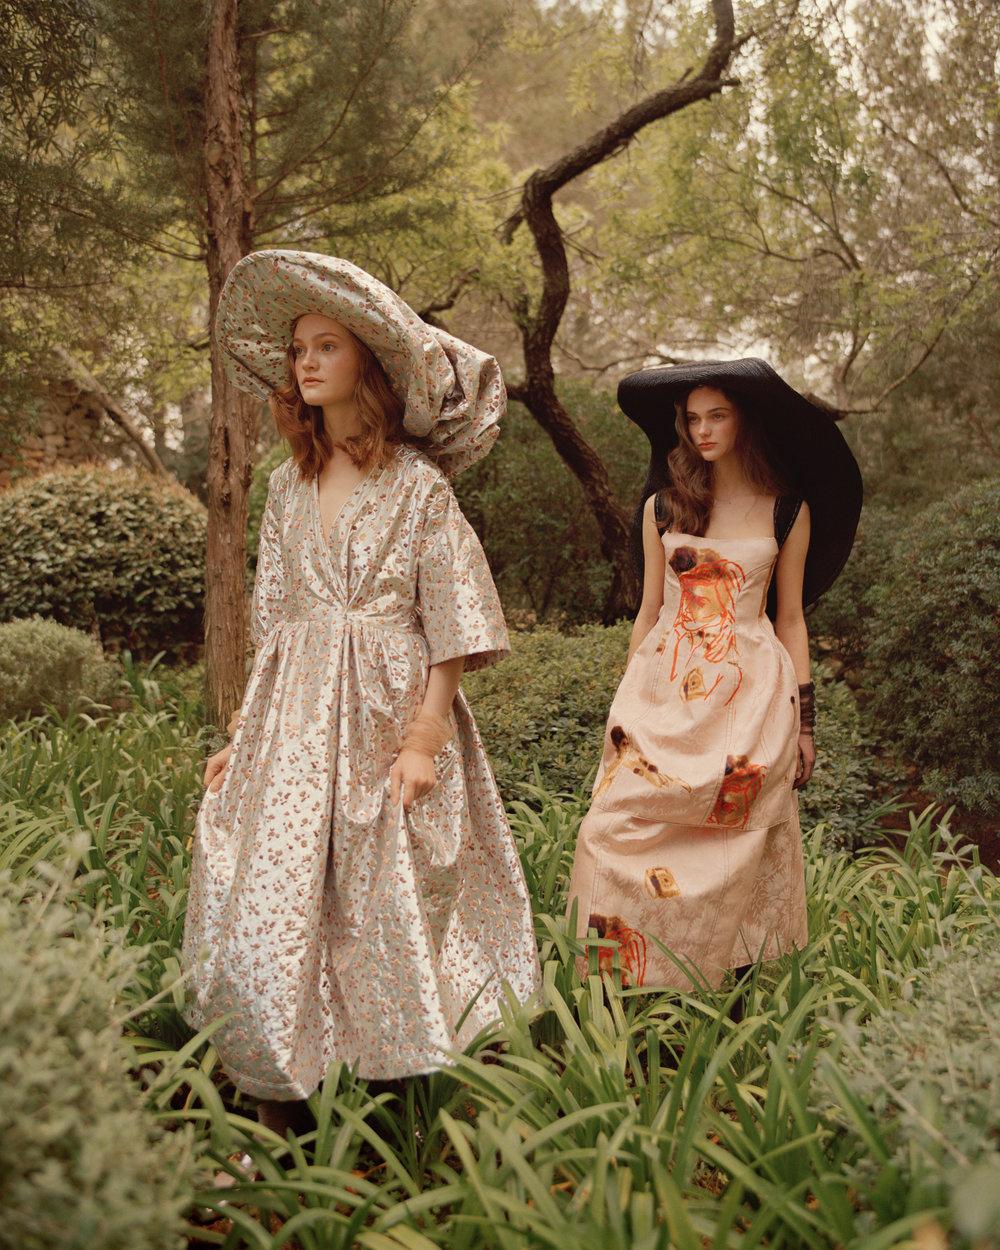 Vogue Italia (5 of 10).JPG